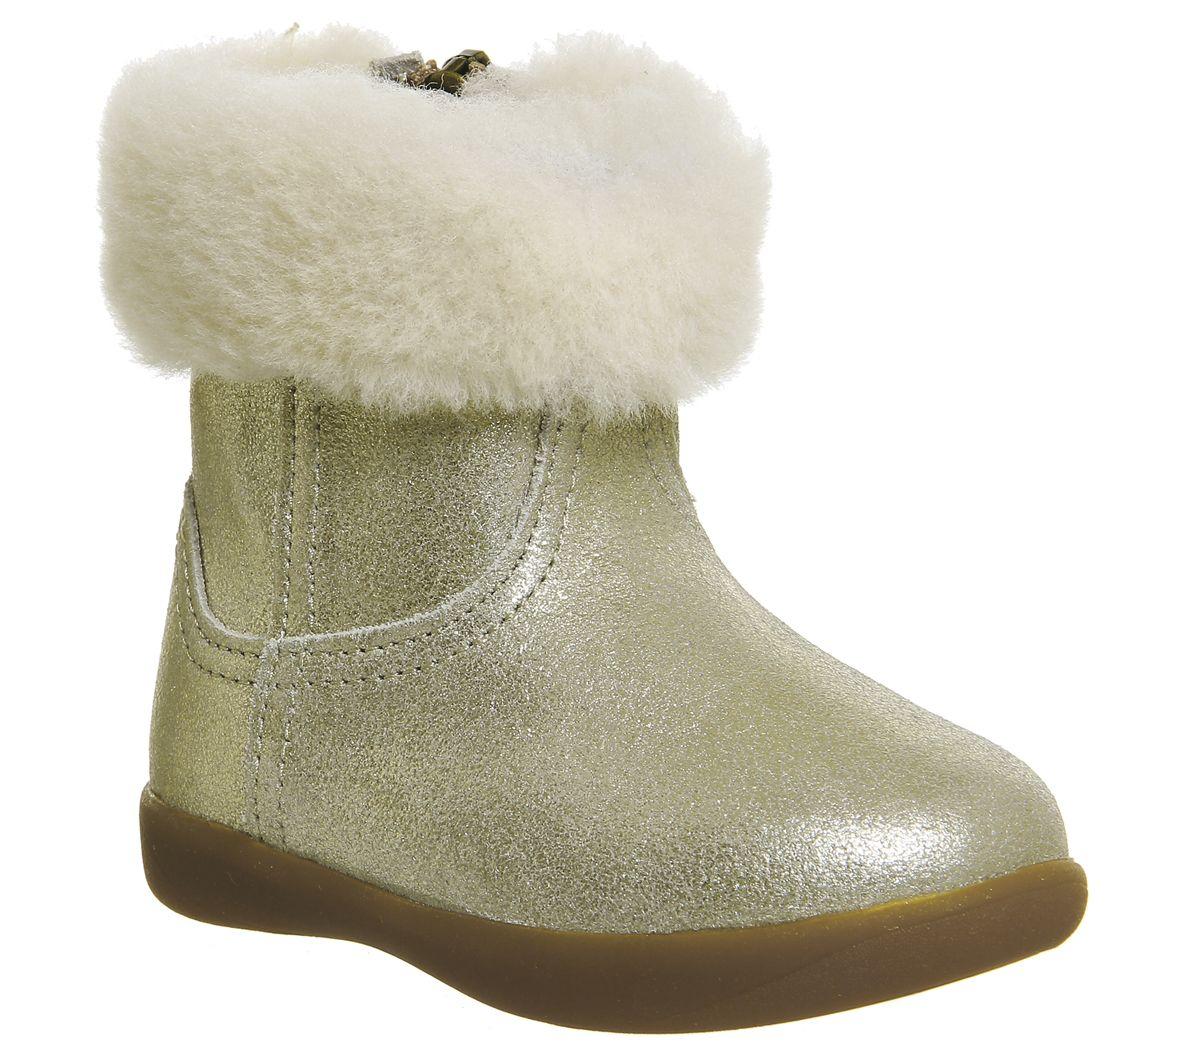 a0f9a2c0fd8 Jorie Ii Boots